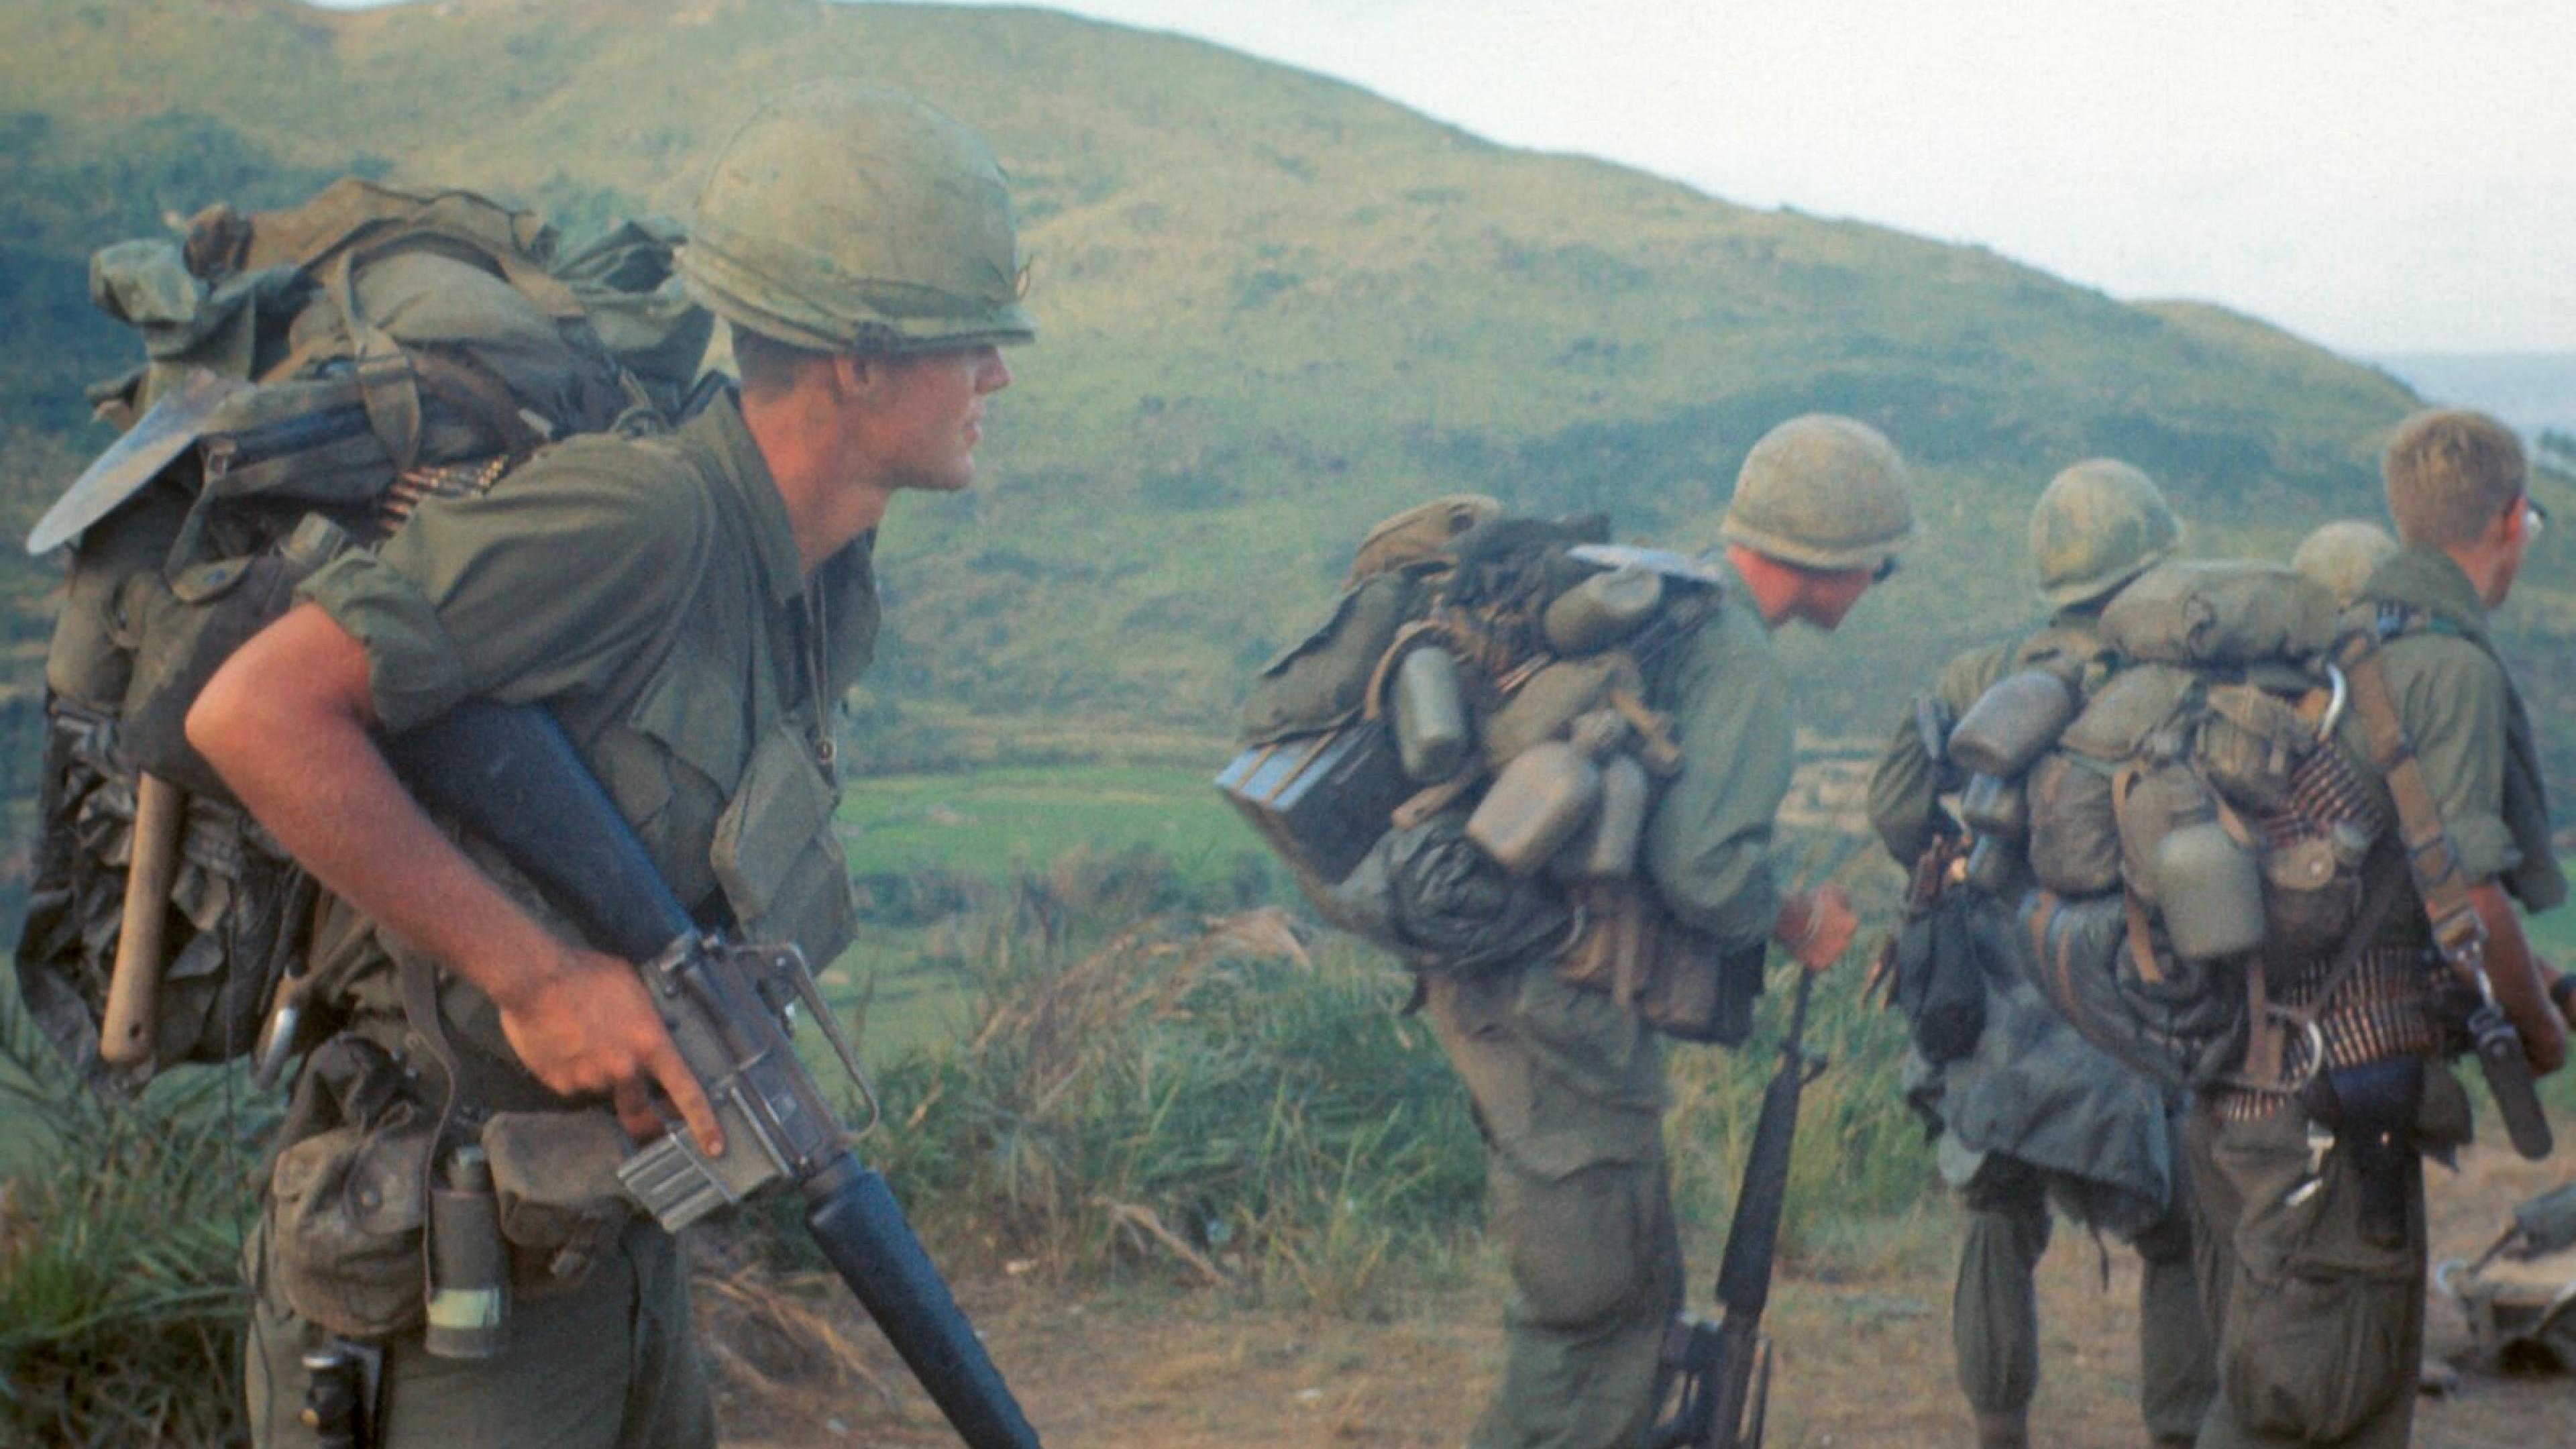 Vietnam War Wallpapers Download 4621ZVH   4USkY 3840x2160